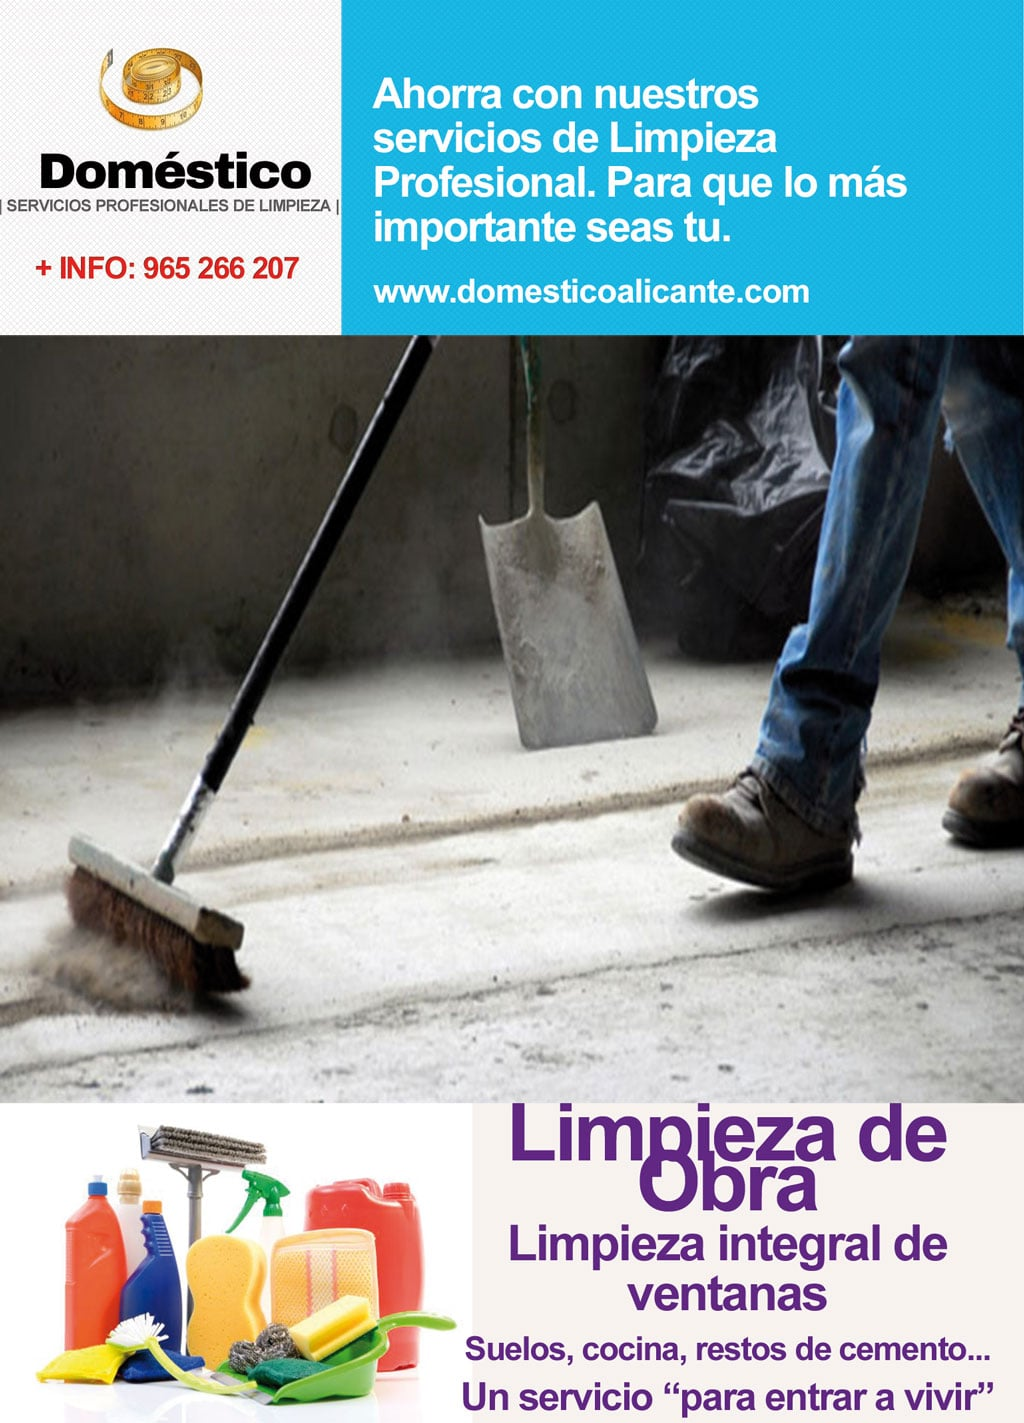 Limpieza de obra dom stico alicante limpieza del hogar - Limpieza de hogares ...